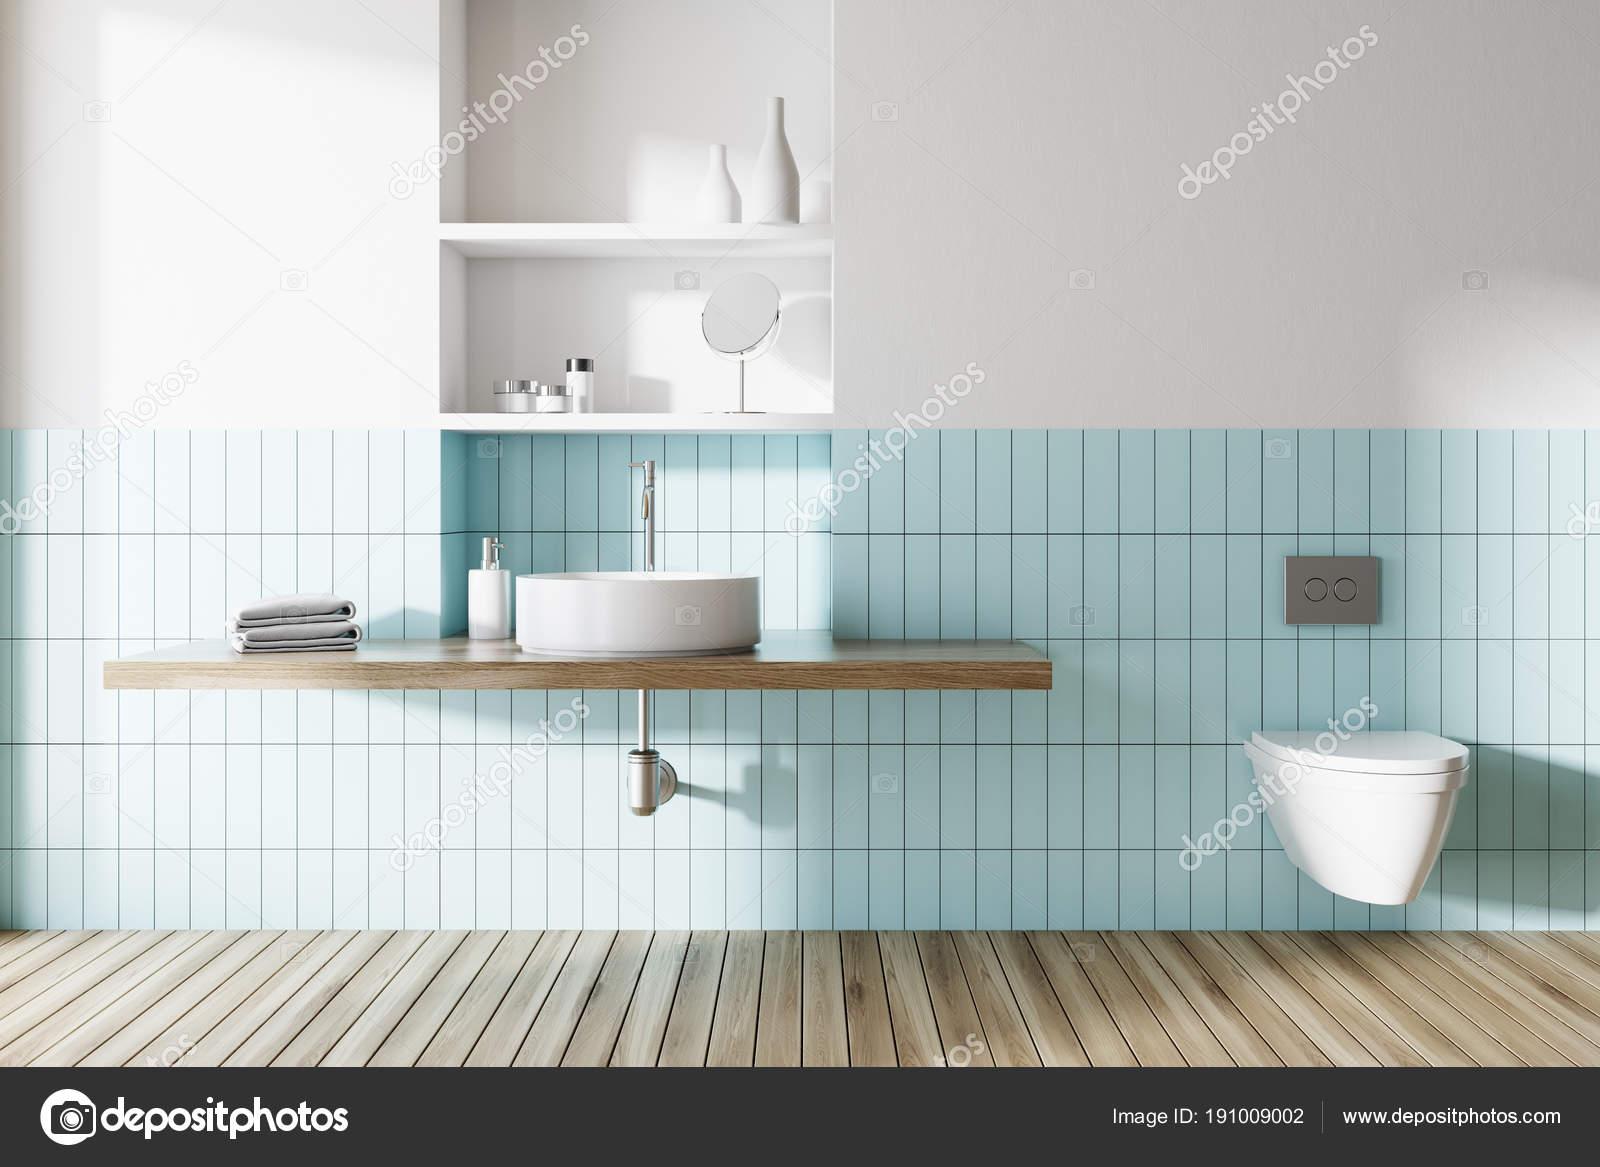 Mueble lavabo azul lavabo e inodoro en un ba o azul y blanco foto de stock denisismagilov - Inodoro y lavabo en uno ...